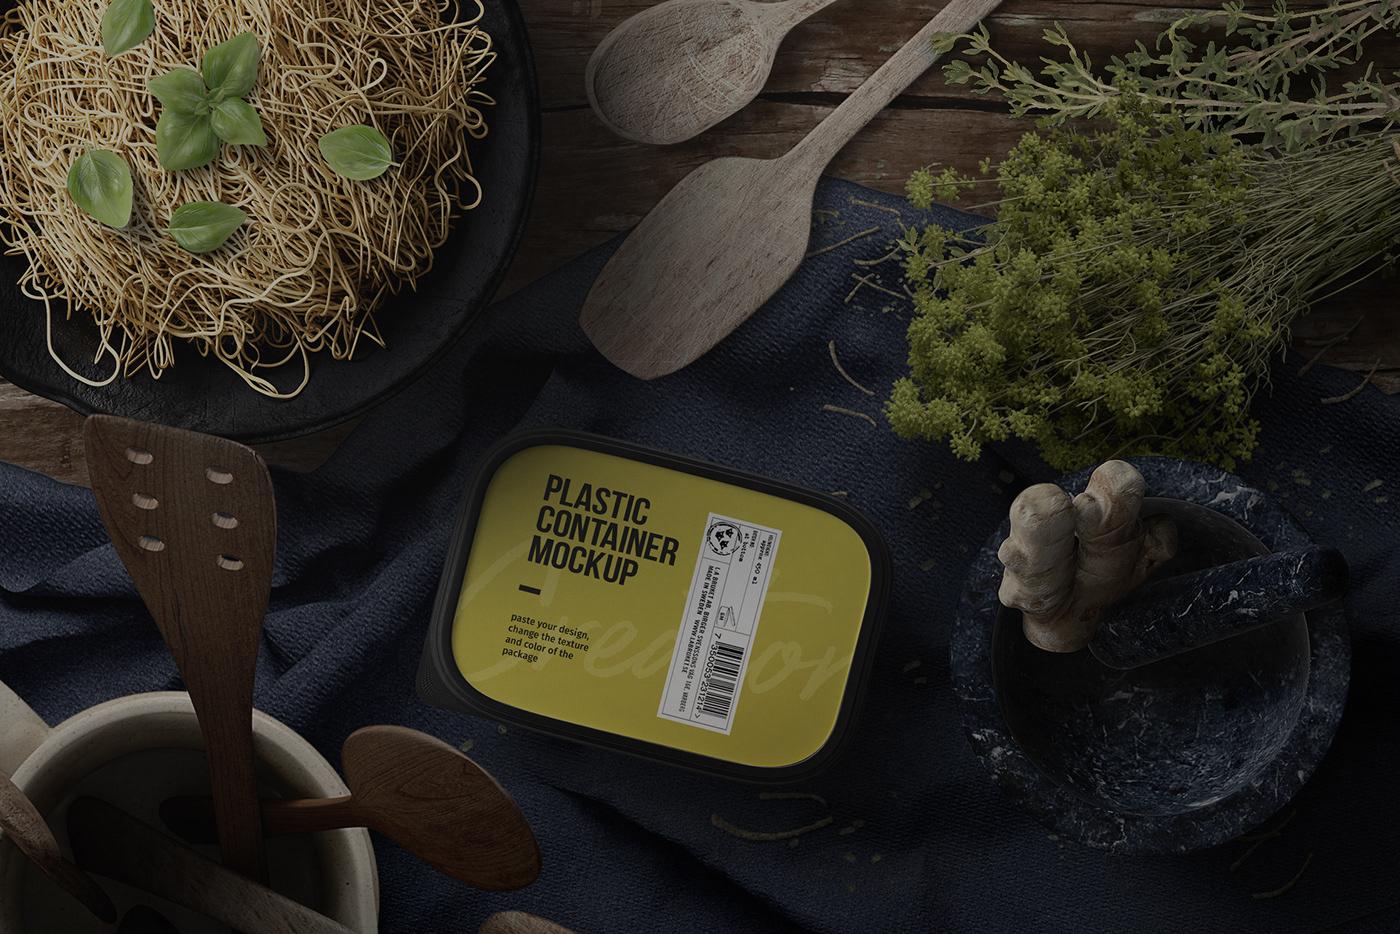 free fee psd frebie Food  Packaging mock up free mockup  cooking Coffee bottle